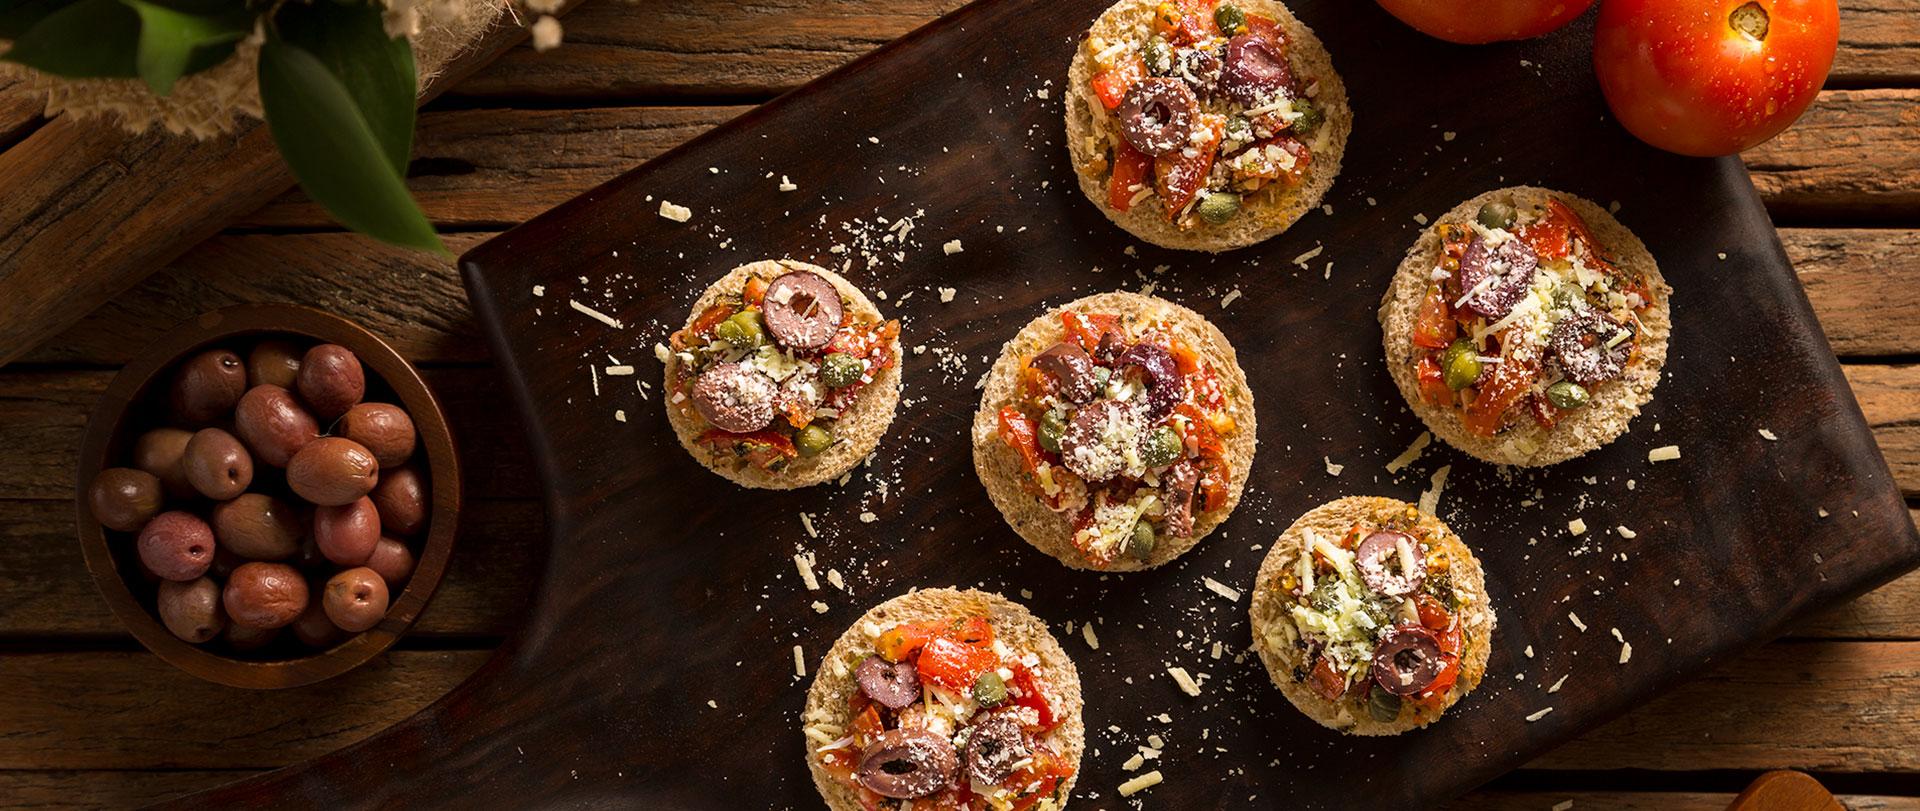 Bruschetta à la pizzaiola